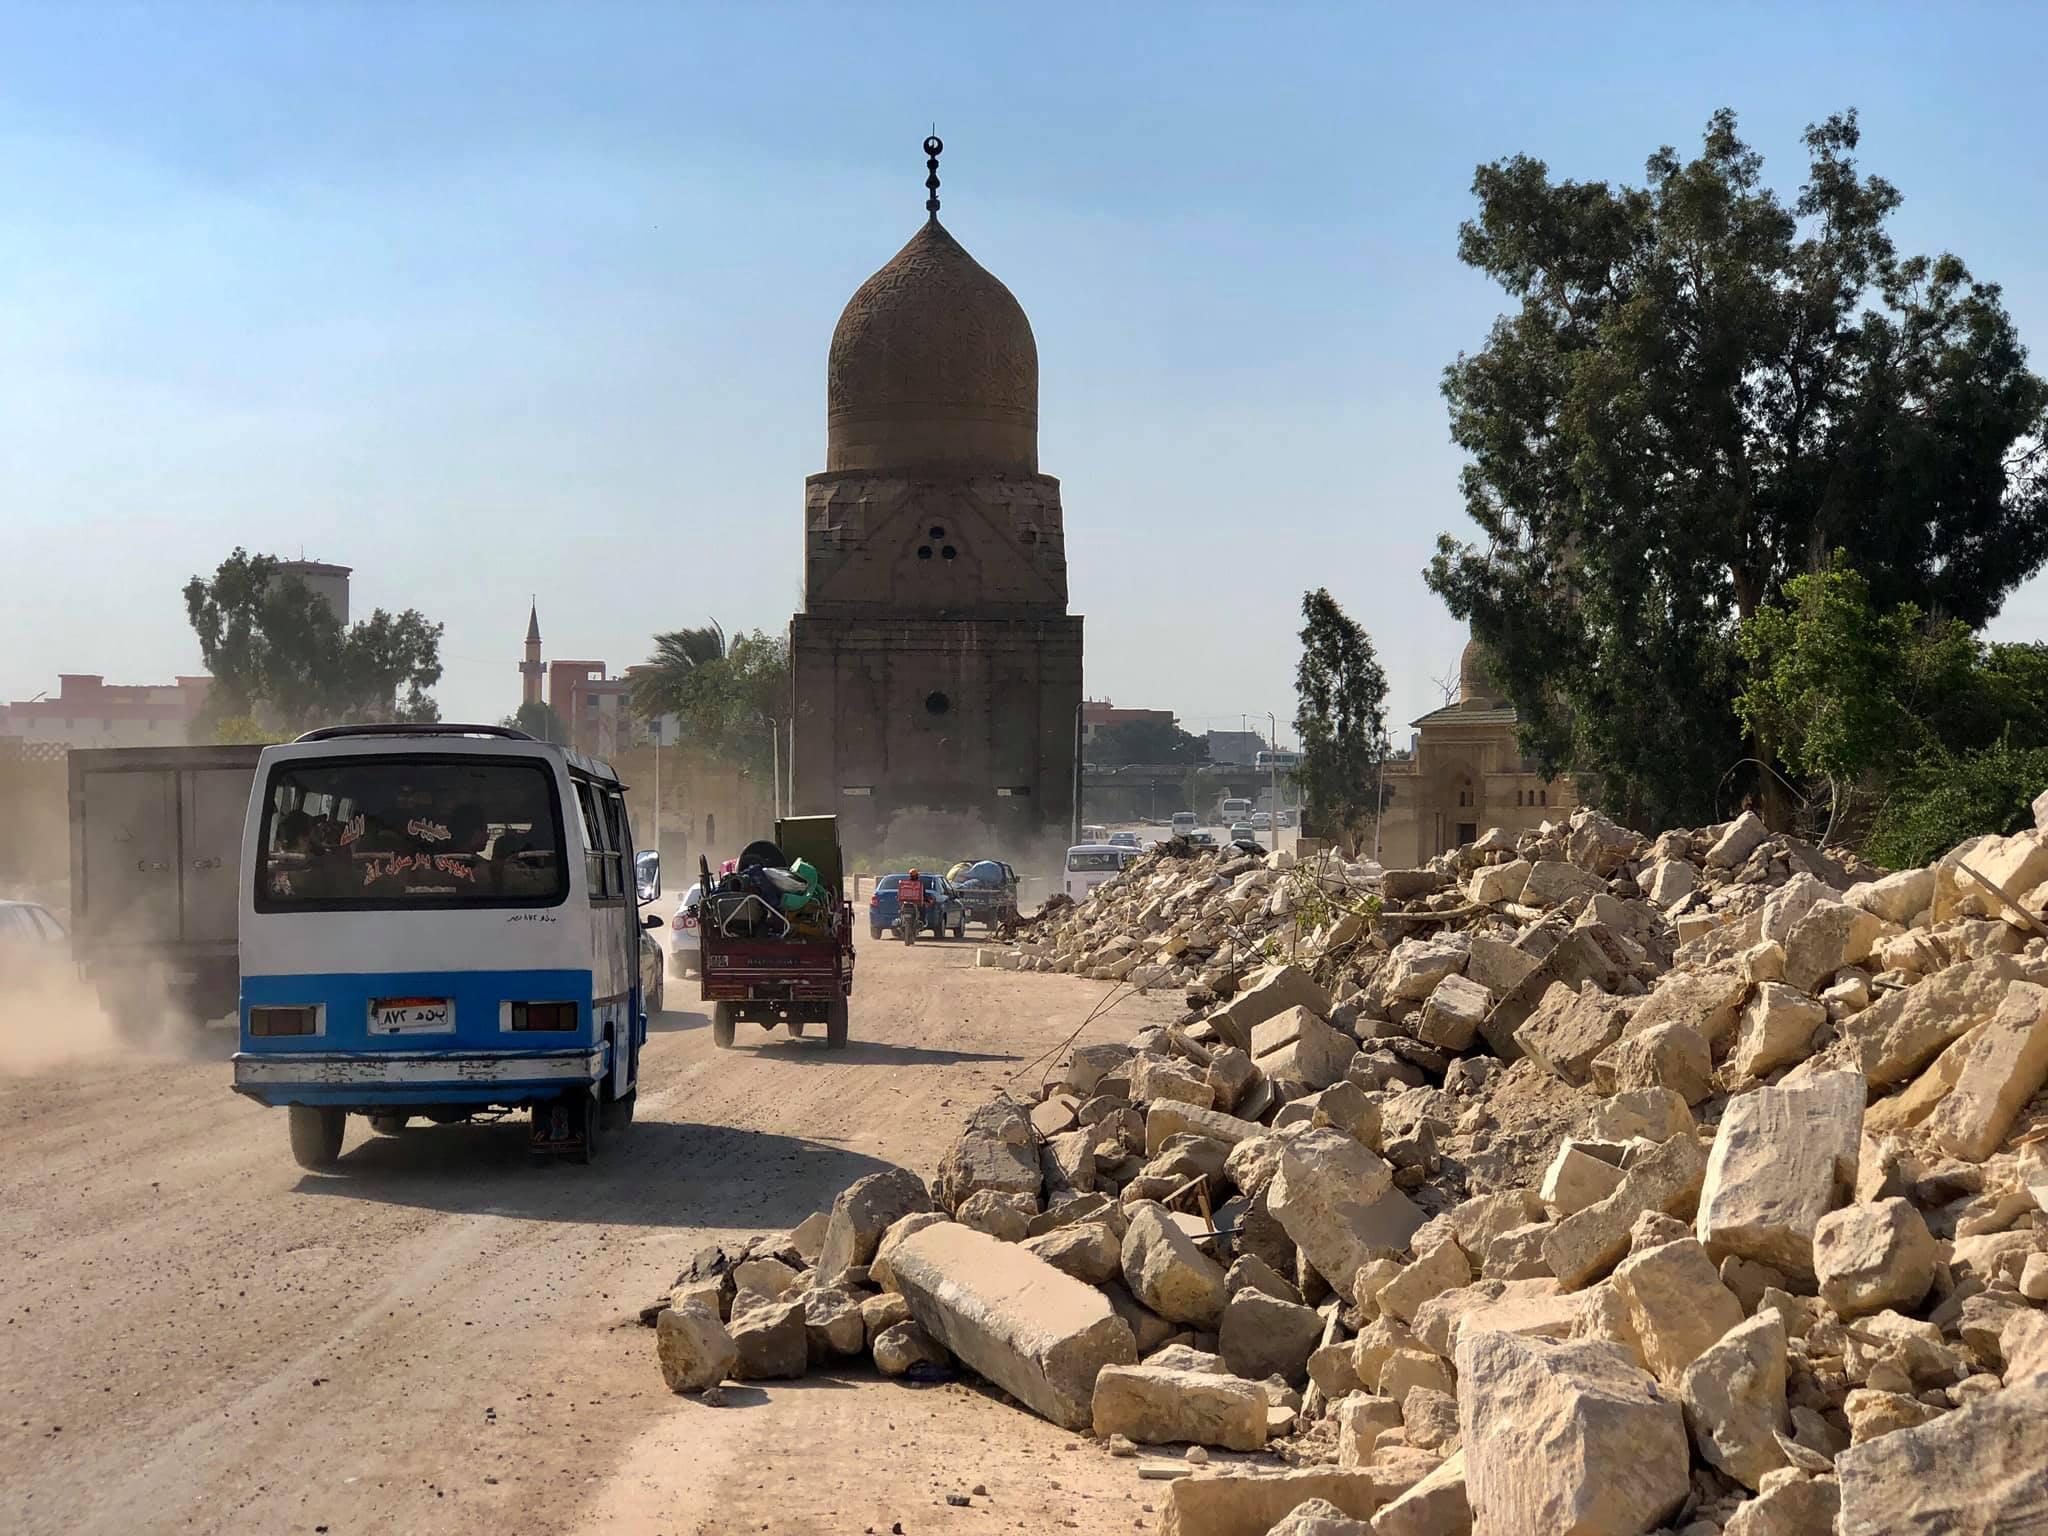 قبر الظاهر قانصوه (في الوسط) بين أنقاض الرياض المهدمة (صورة يوسف أسامة/ فيس بوك).